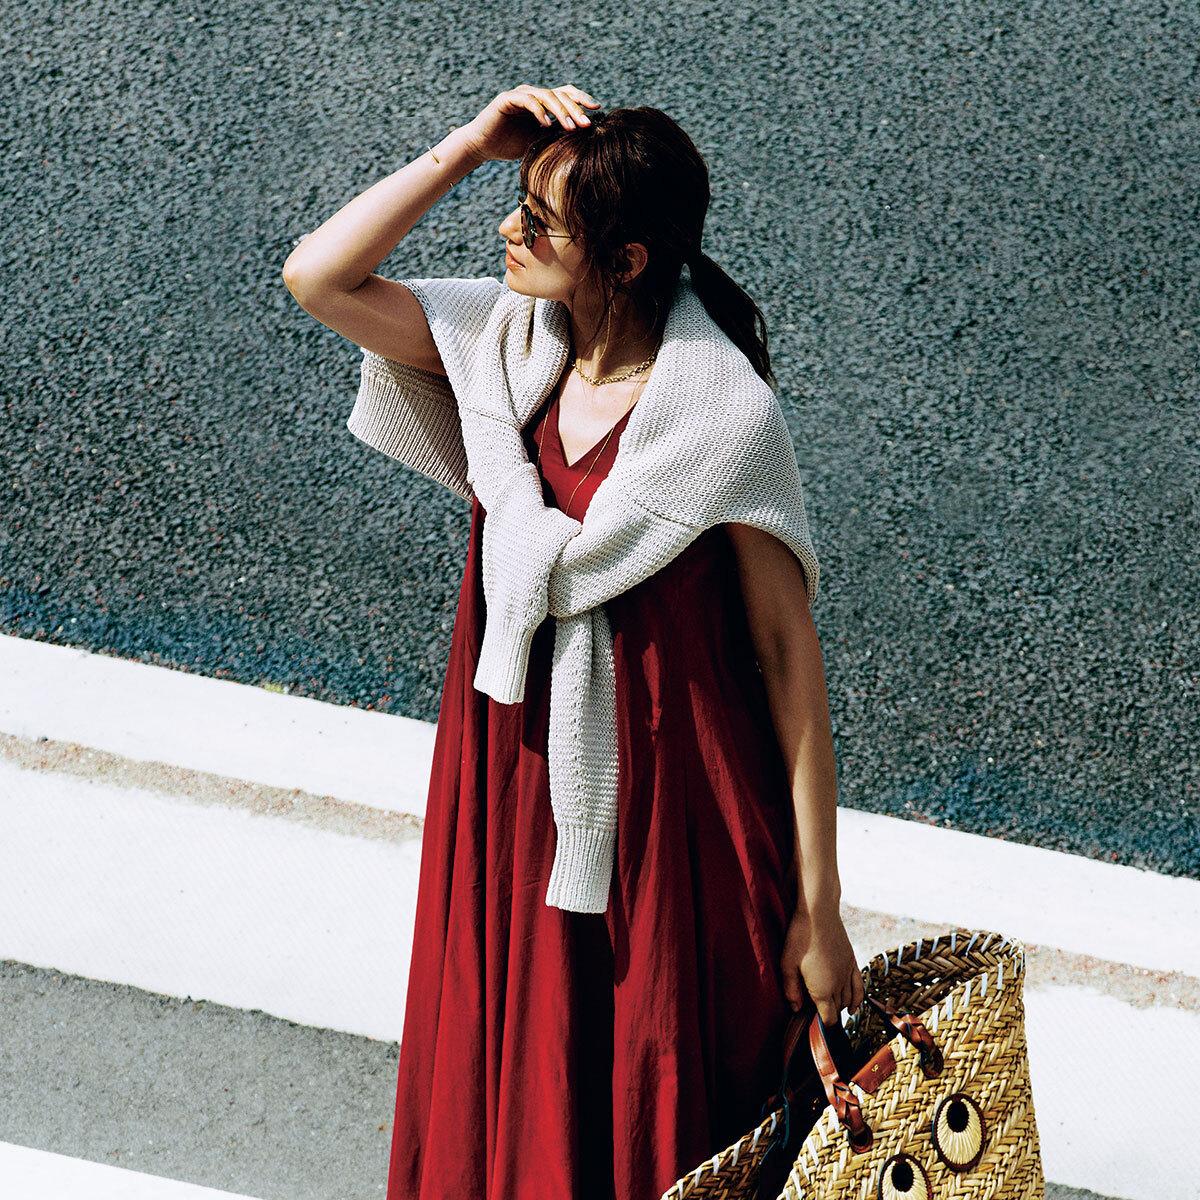 未発売のGU、ここだけの話から今季「ブリックレッド」のドレスを選ぶ理由まで【ファッション人気記事ランキングトップ10】_1_10